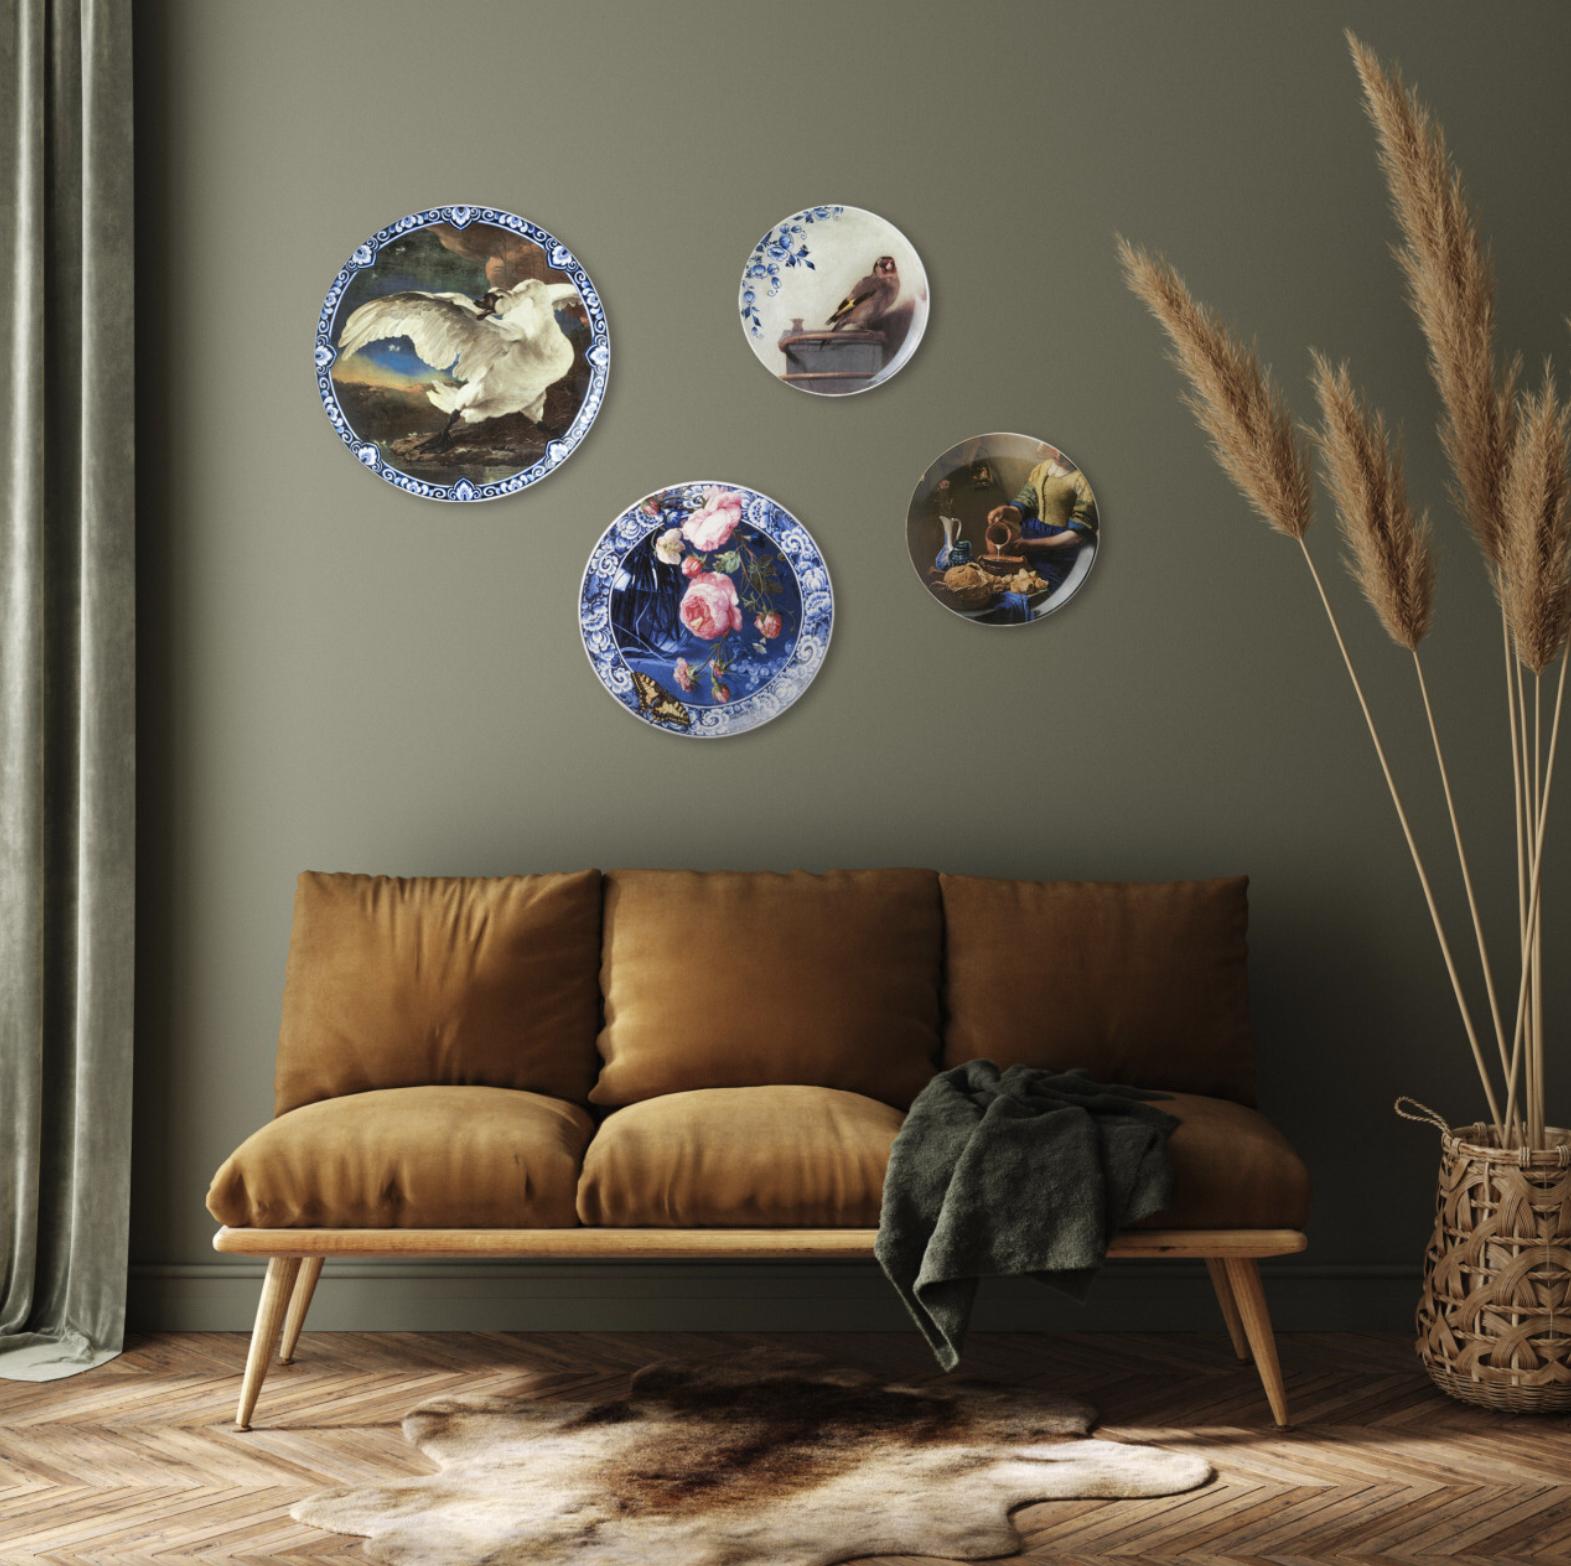 Delfts Blauw met een moderne touch! Dit design past in ieder interieur. Verkrijgbaar in meerdere varianten, combineer ze met elkaar voor een uniek effect!